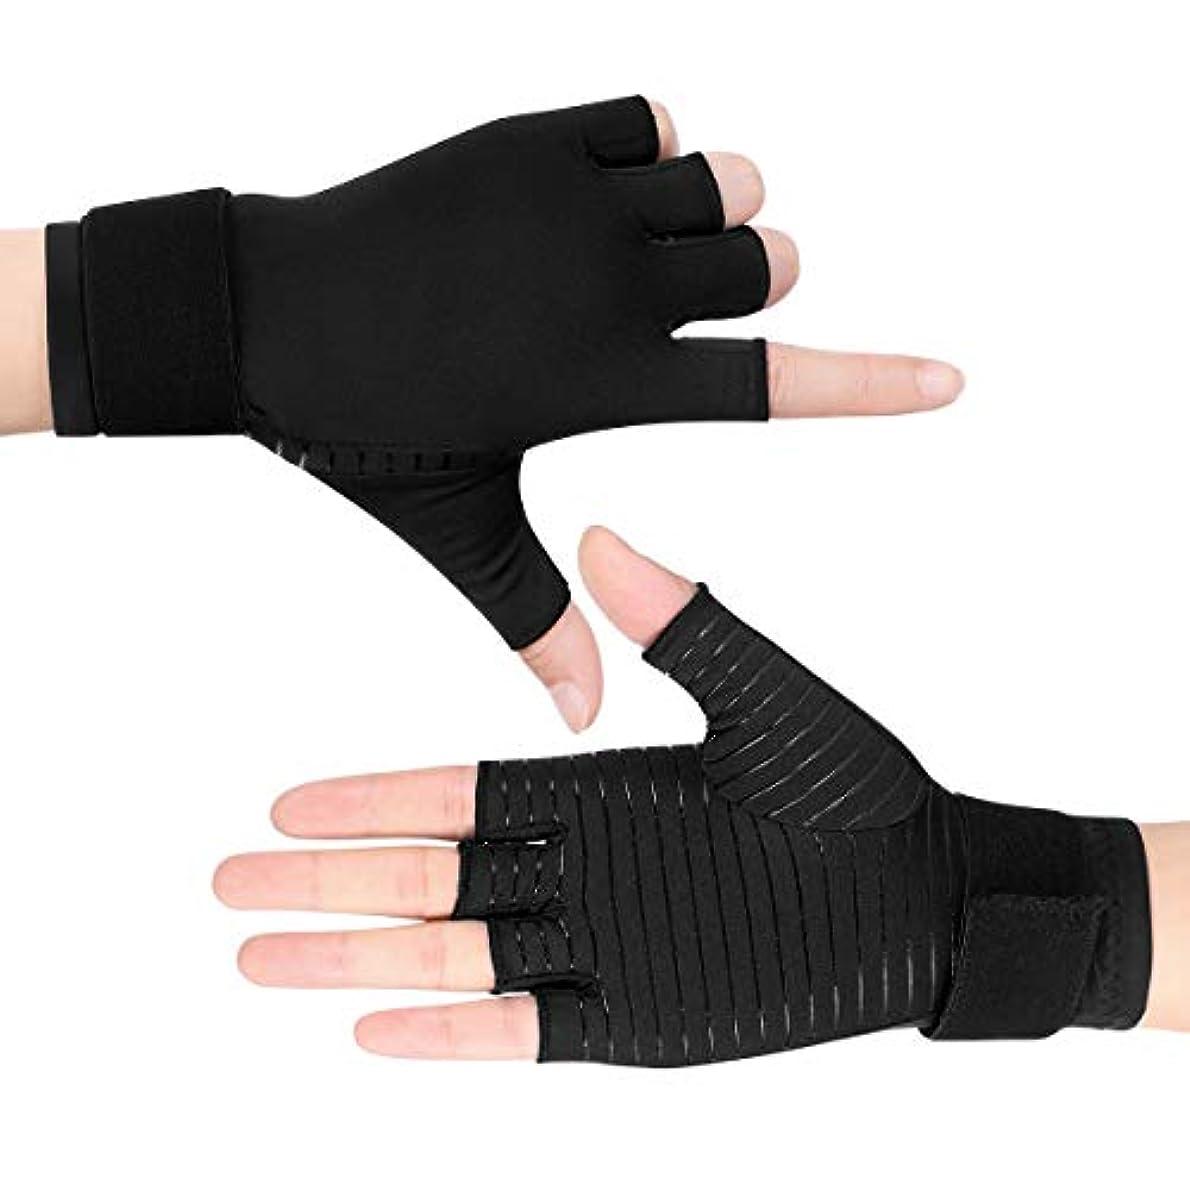 暗くする嫌がるパートナーHealifty 手首の手袋2対のユニセックス銅ポリ圧縮手袋ハーフフィンガーハンド関節炎関節痛緩和ジムグローブ(サイズM)